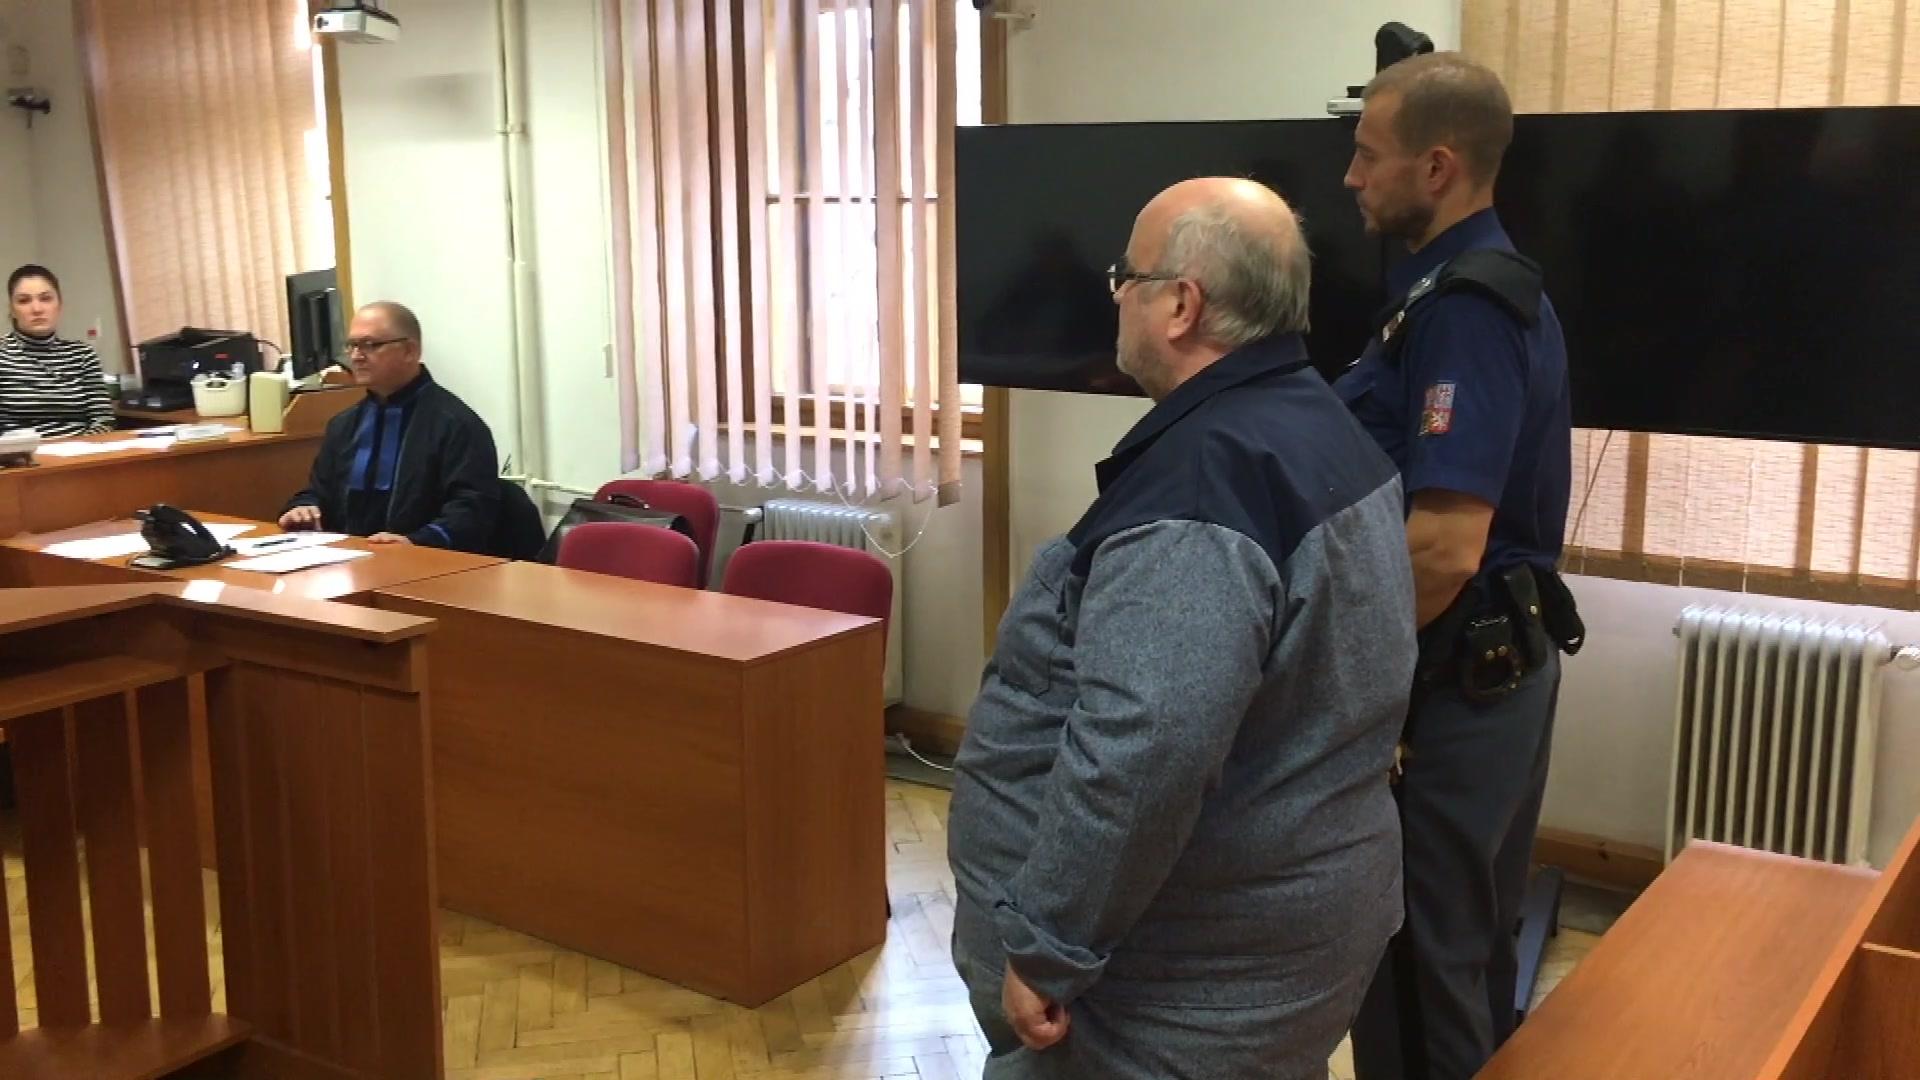 Za korupci odsouzený bývalý soudce zůstane ve vězení. Odvolací soud ho na svobodu nepustil